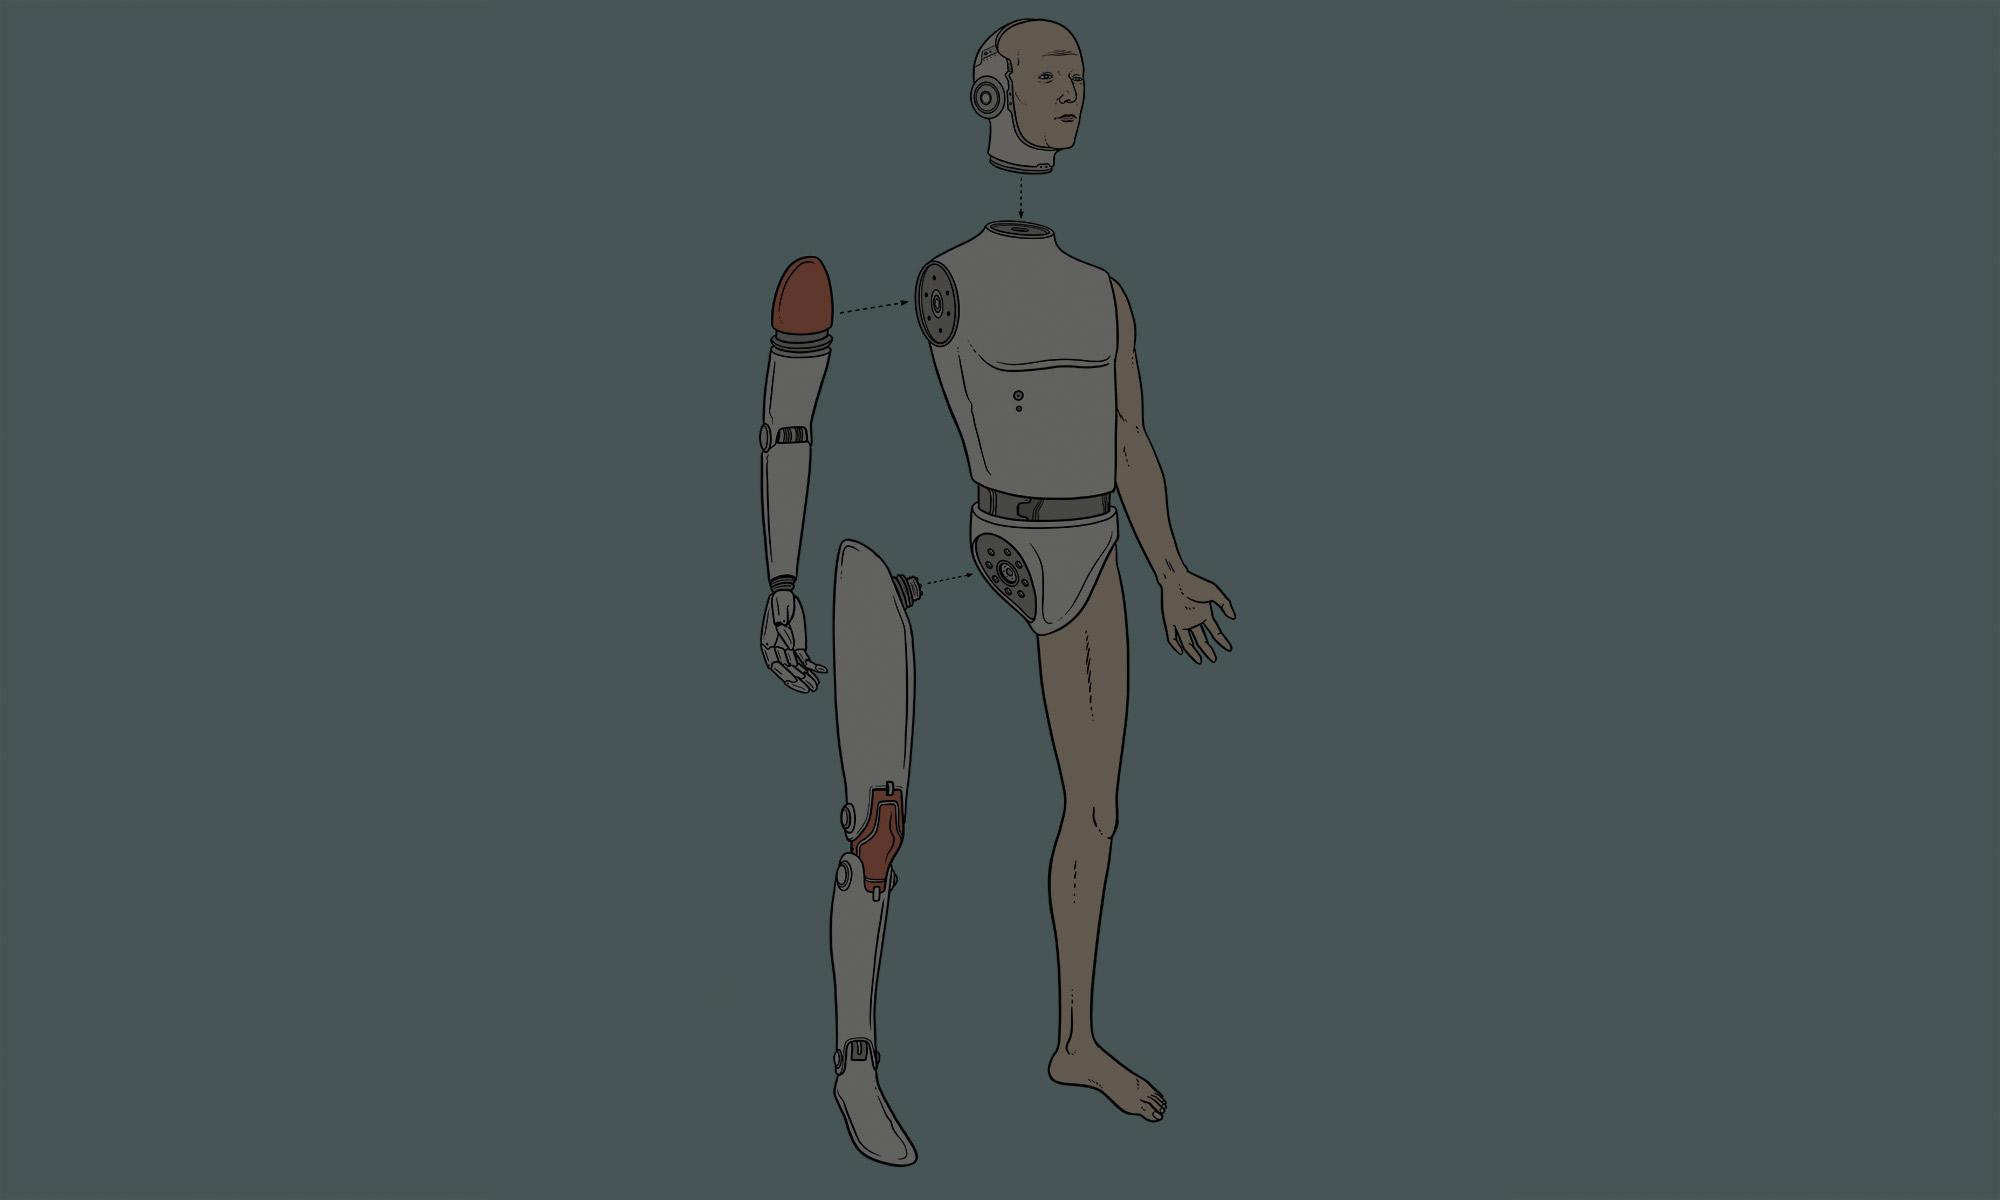 La tecnificación de los humanos | Telos Fundación Teléfonica